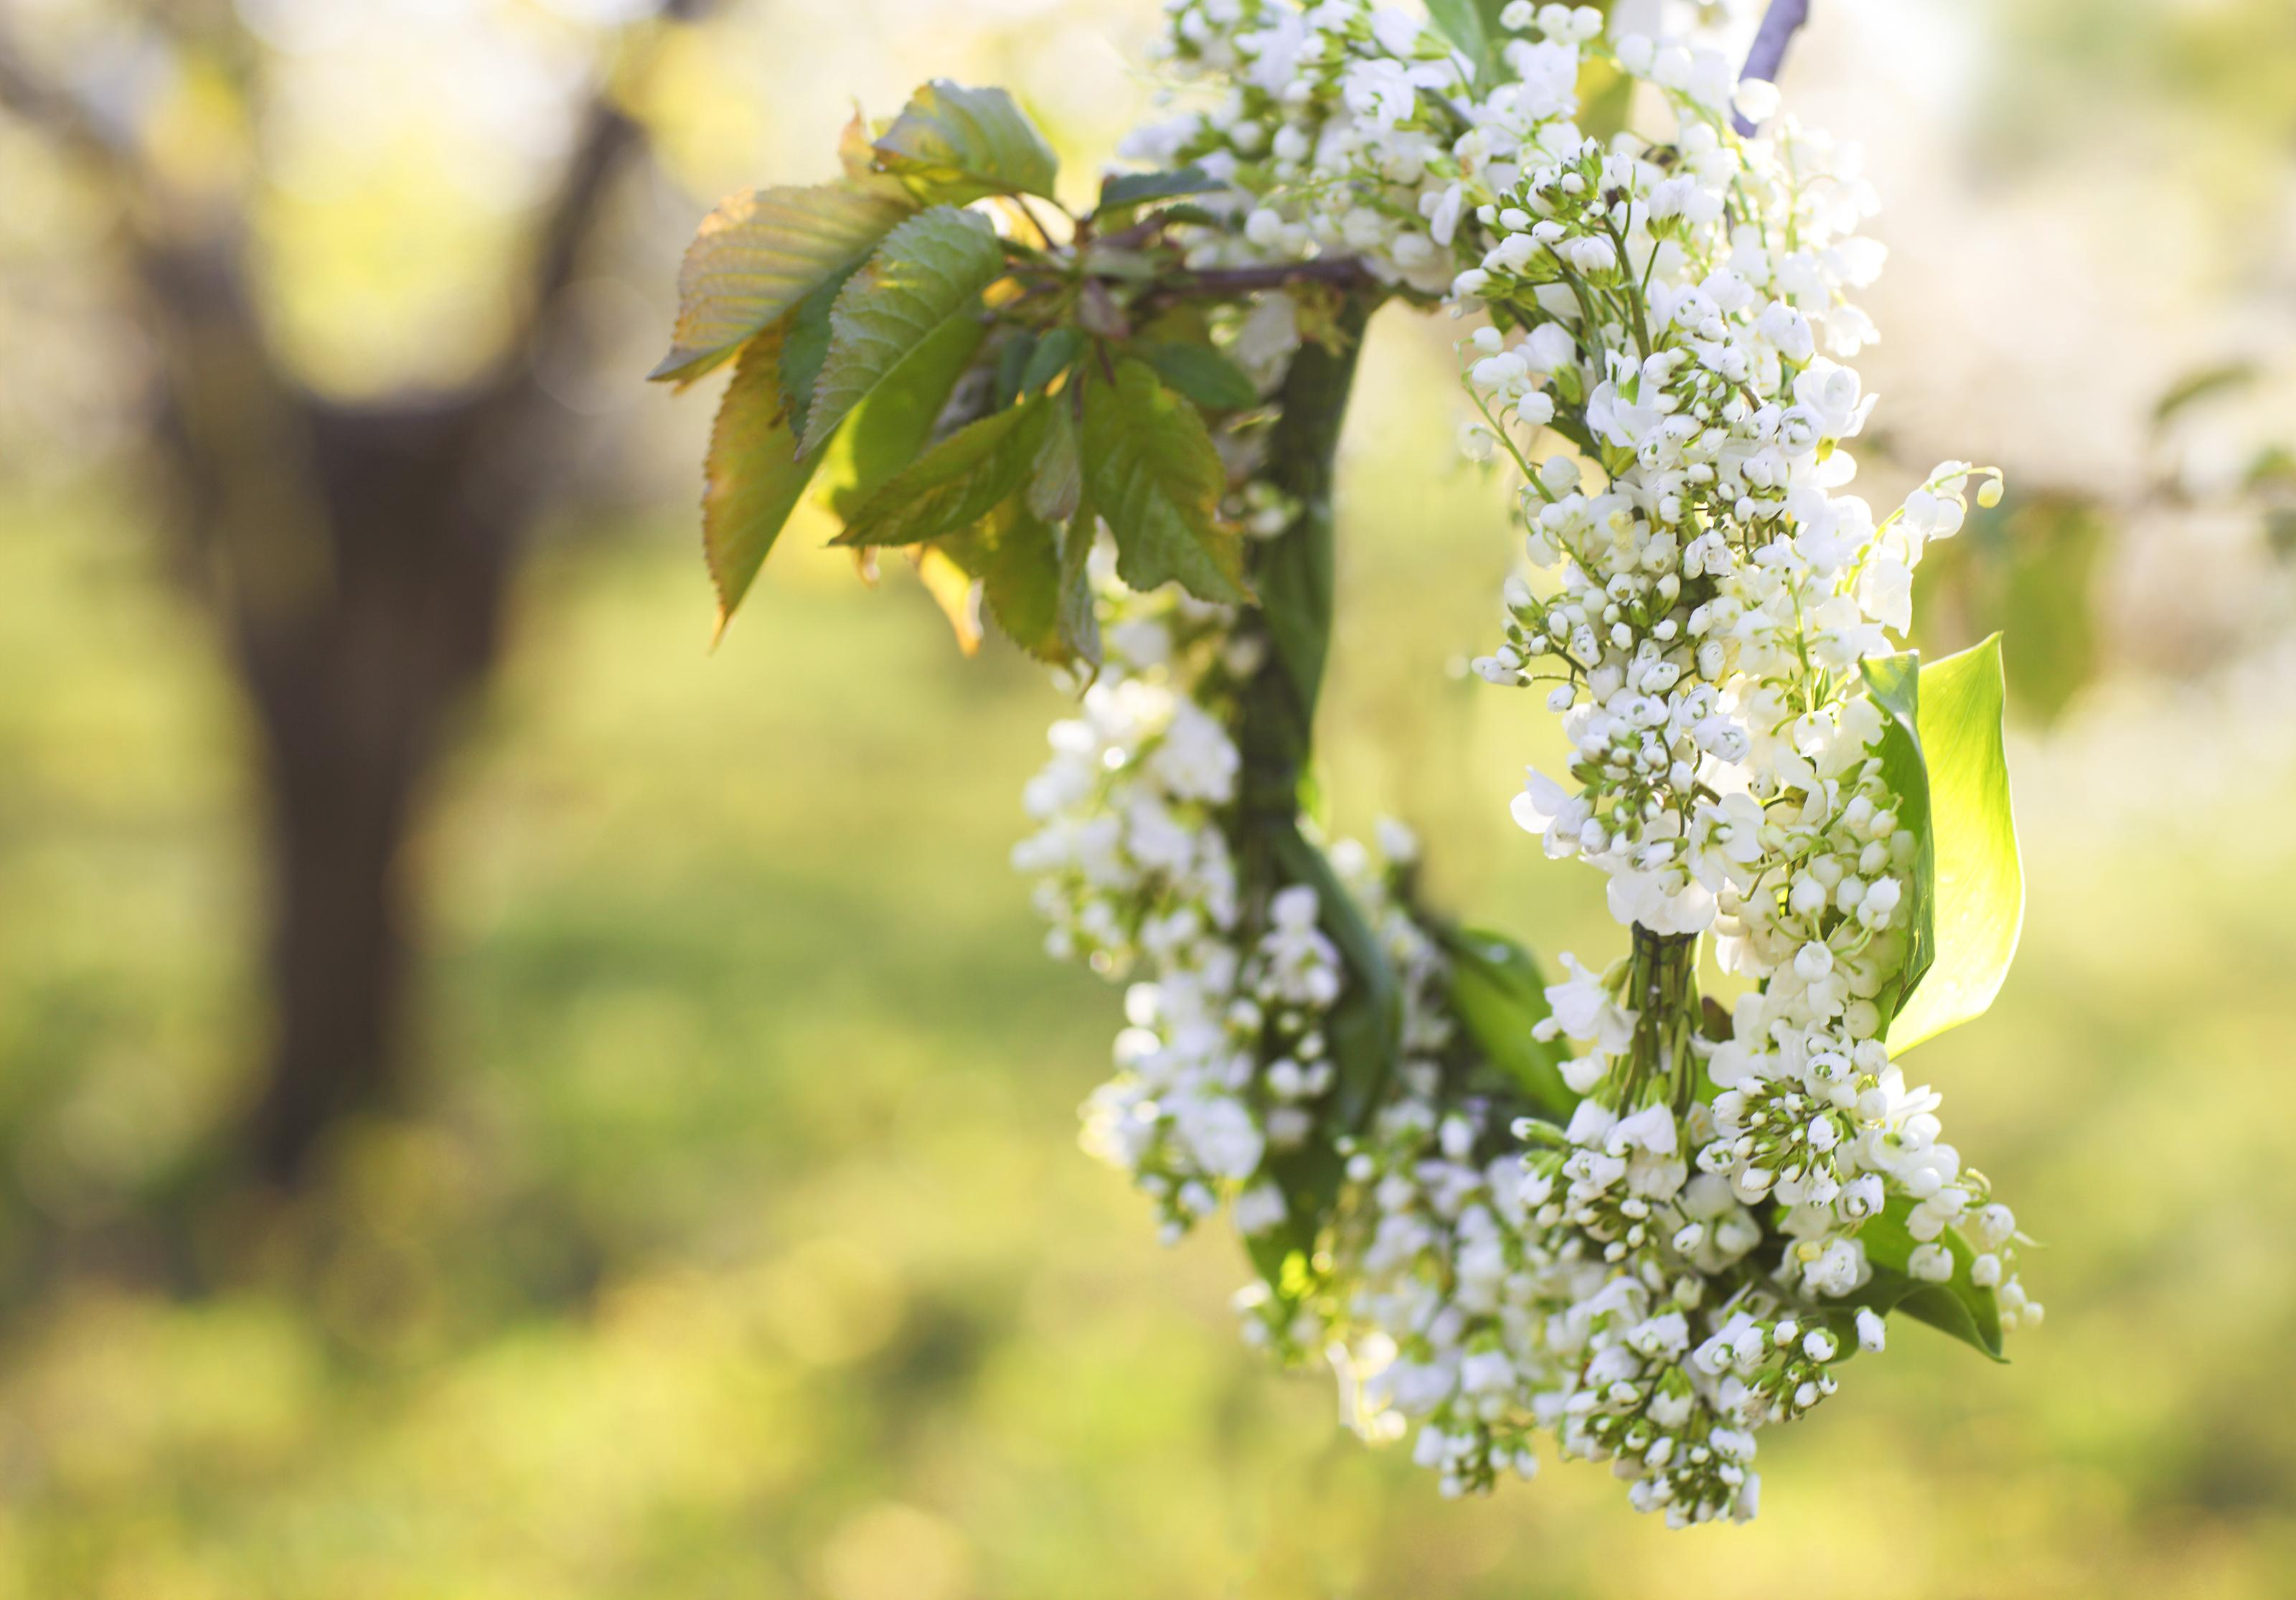 Las coronas de flores suelen incluir ramas de abedul, donde se insertan después diferentes variedades de flores.